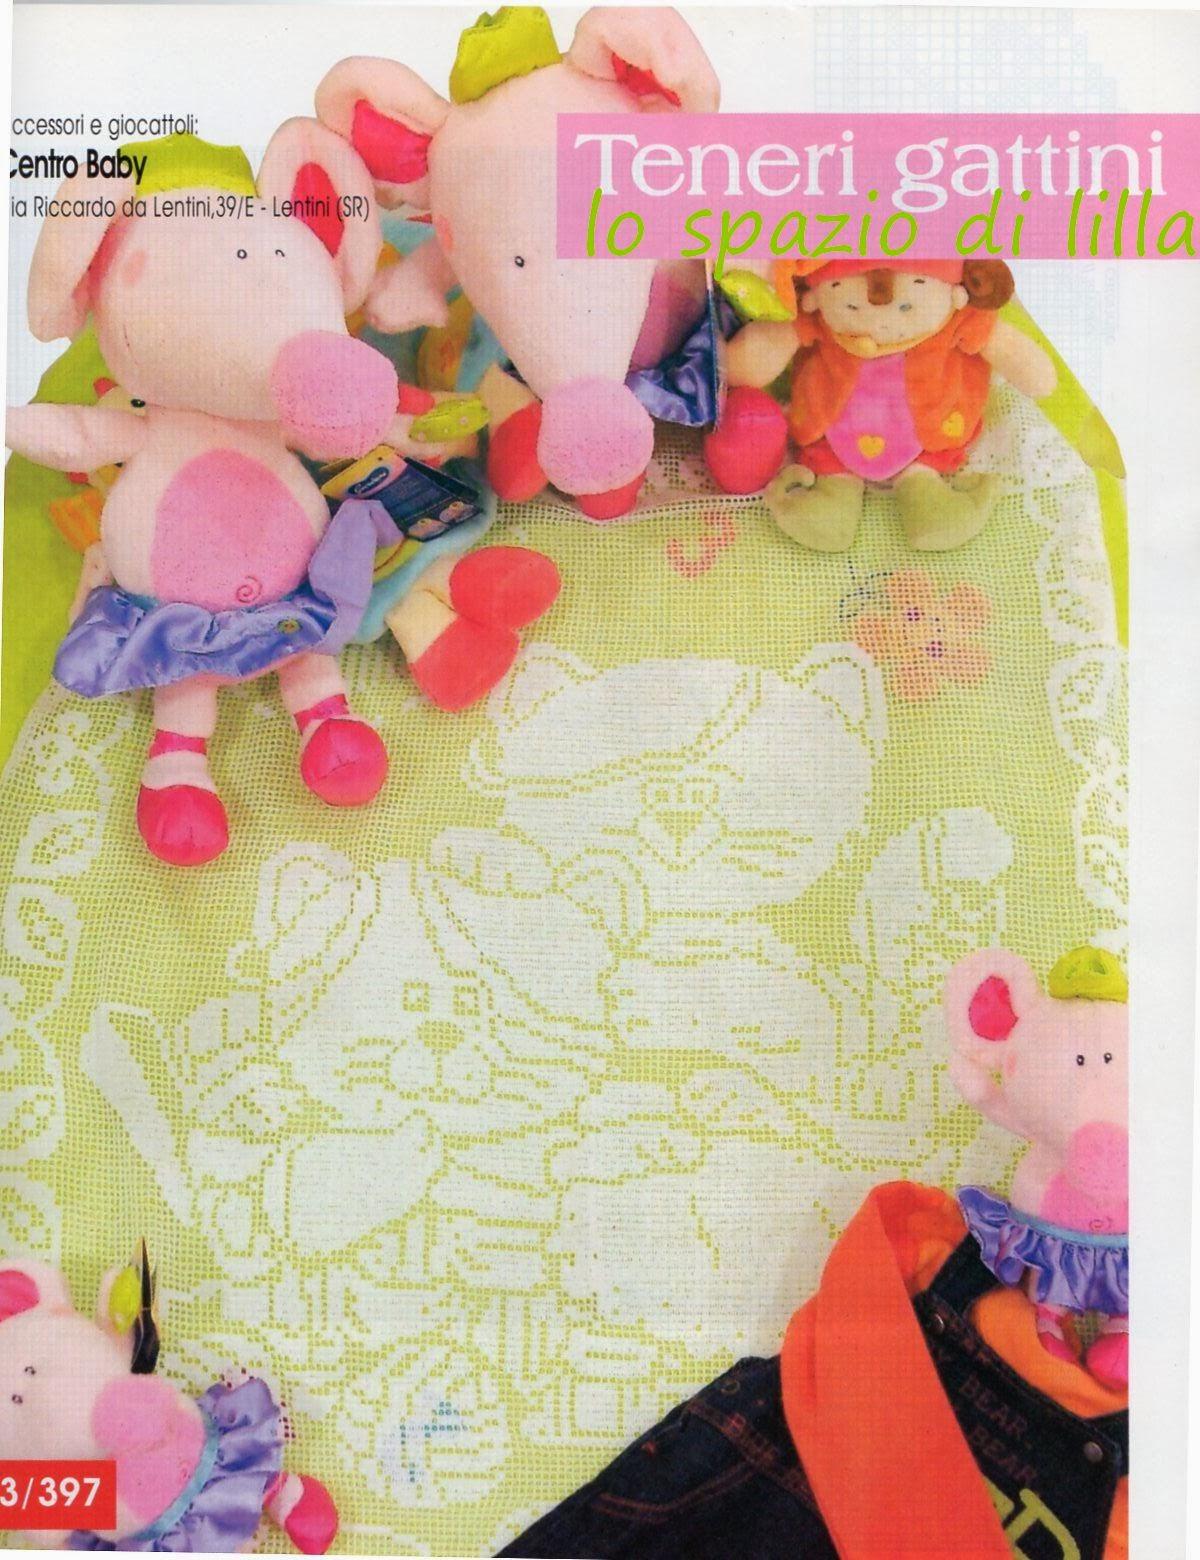 Lo spazio di lilla copertine per neonato a filet la for Lo spazio di lilla copertine neonato